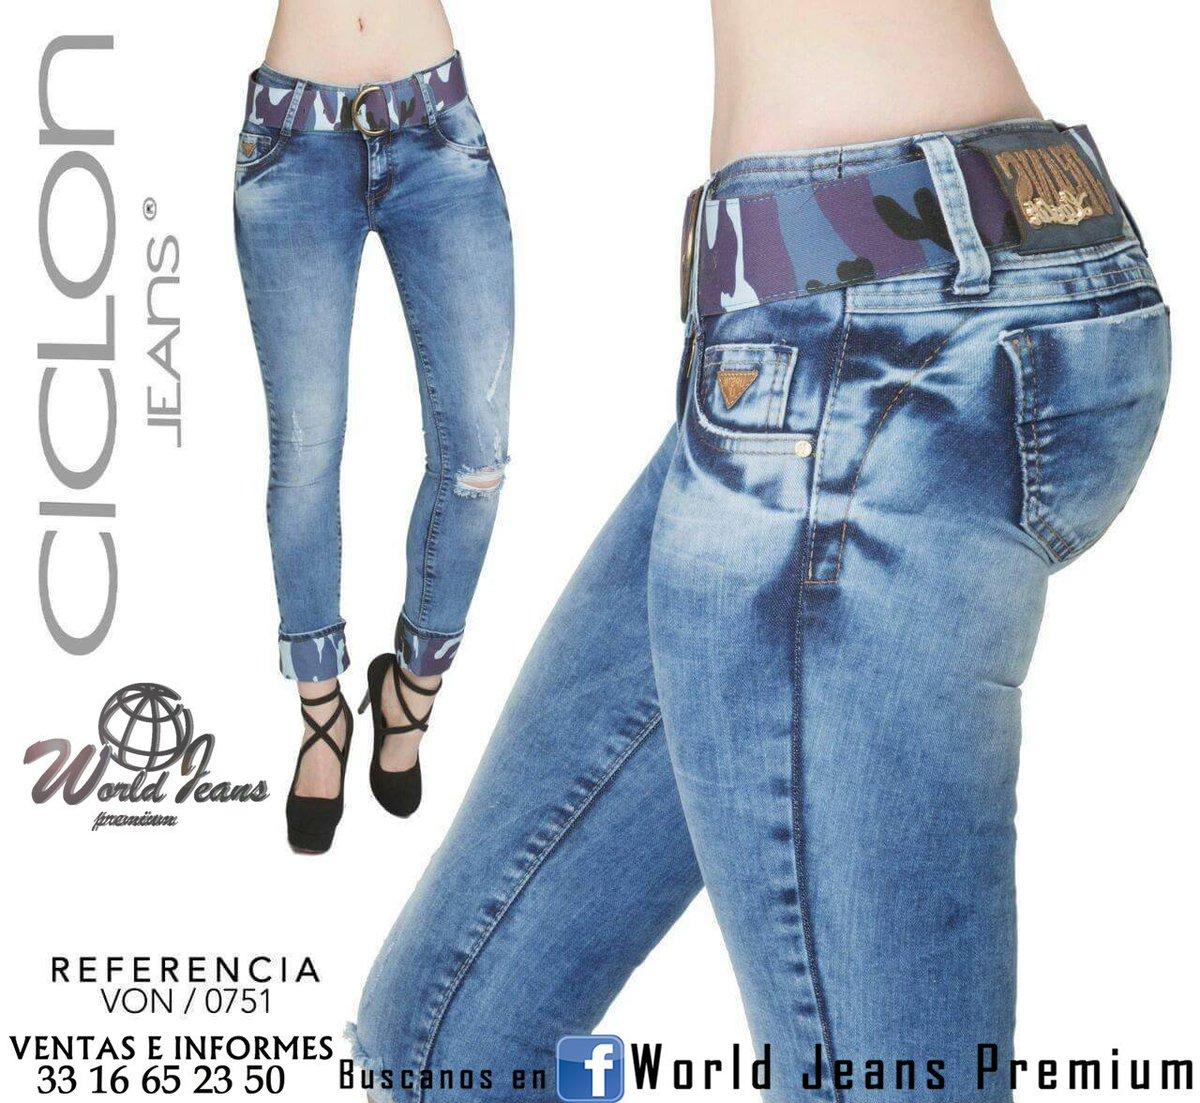 World Jeans Premium On Twitter Nuevos Modelos Ciclon Corte Colombiano Ven A Alvaro Obregon 243 Entre Cabanas Y Vicente Guerrero Ventas 3316652350 Precio A Mayoristas Https T Co Zmowo49oaa